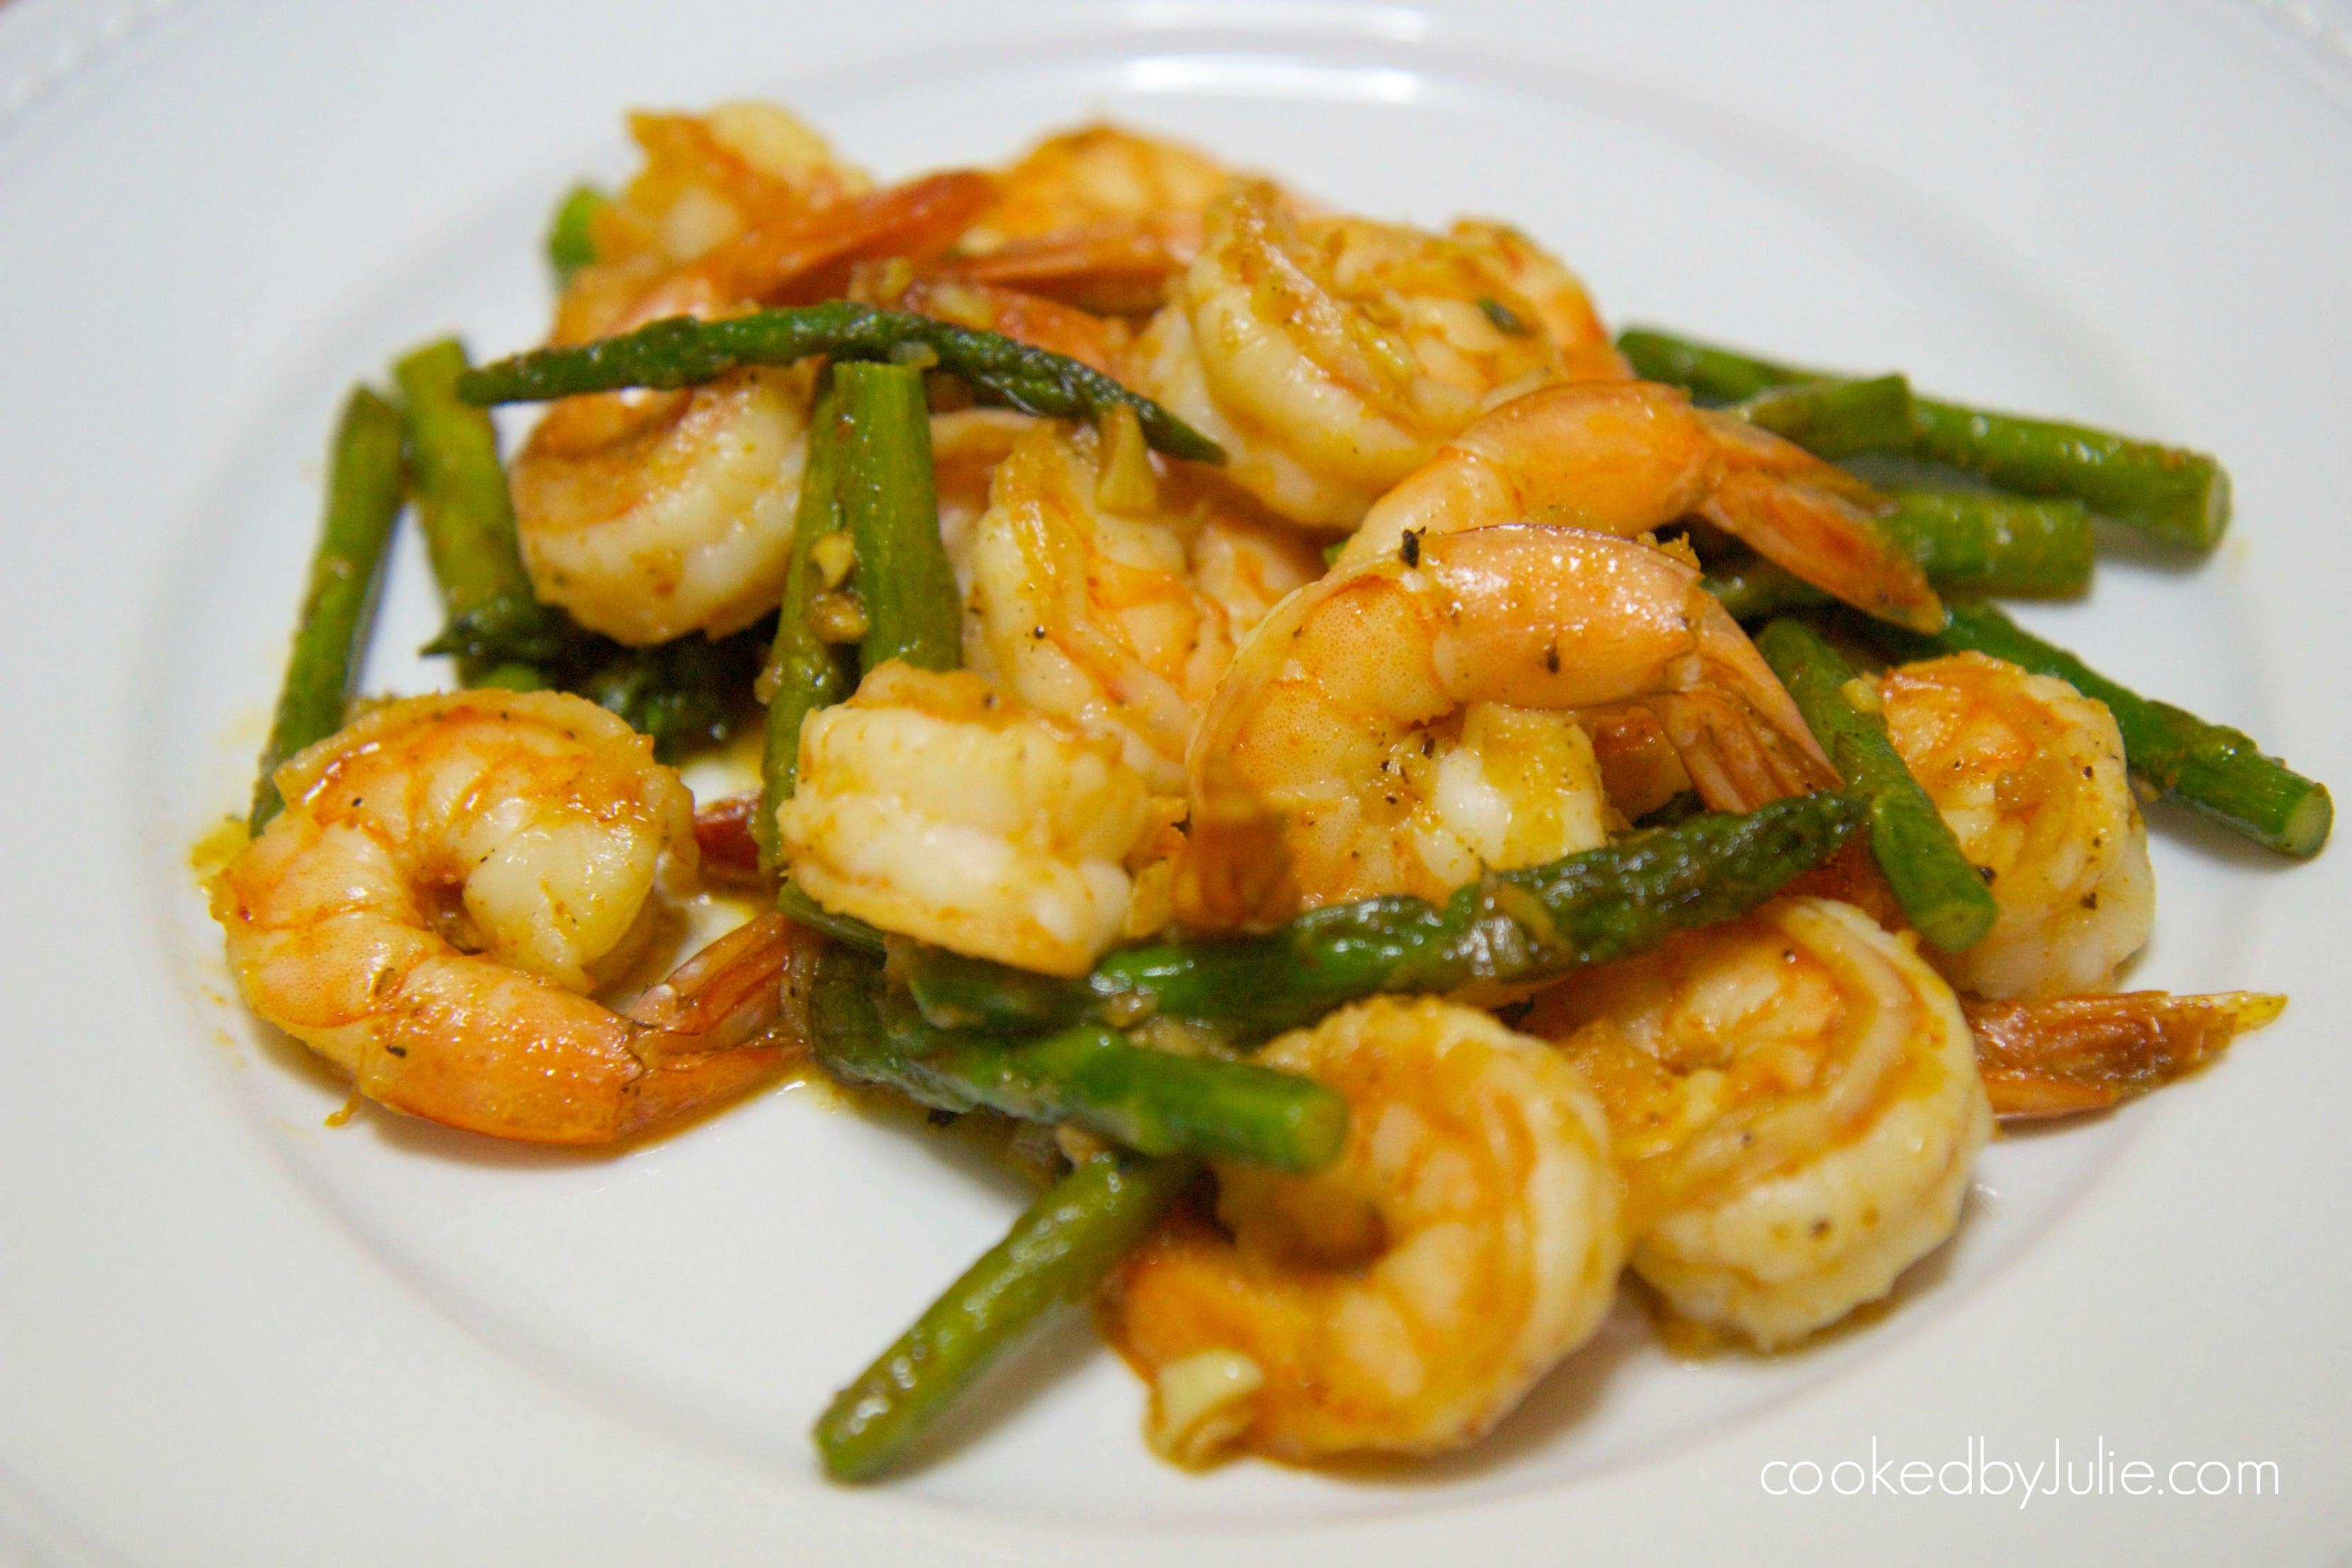 chili garlic shrimp and asparagus